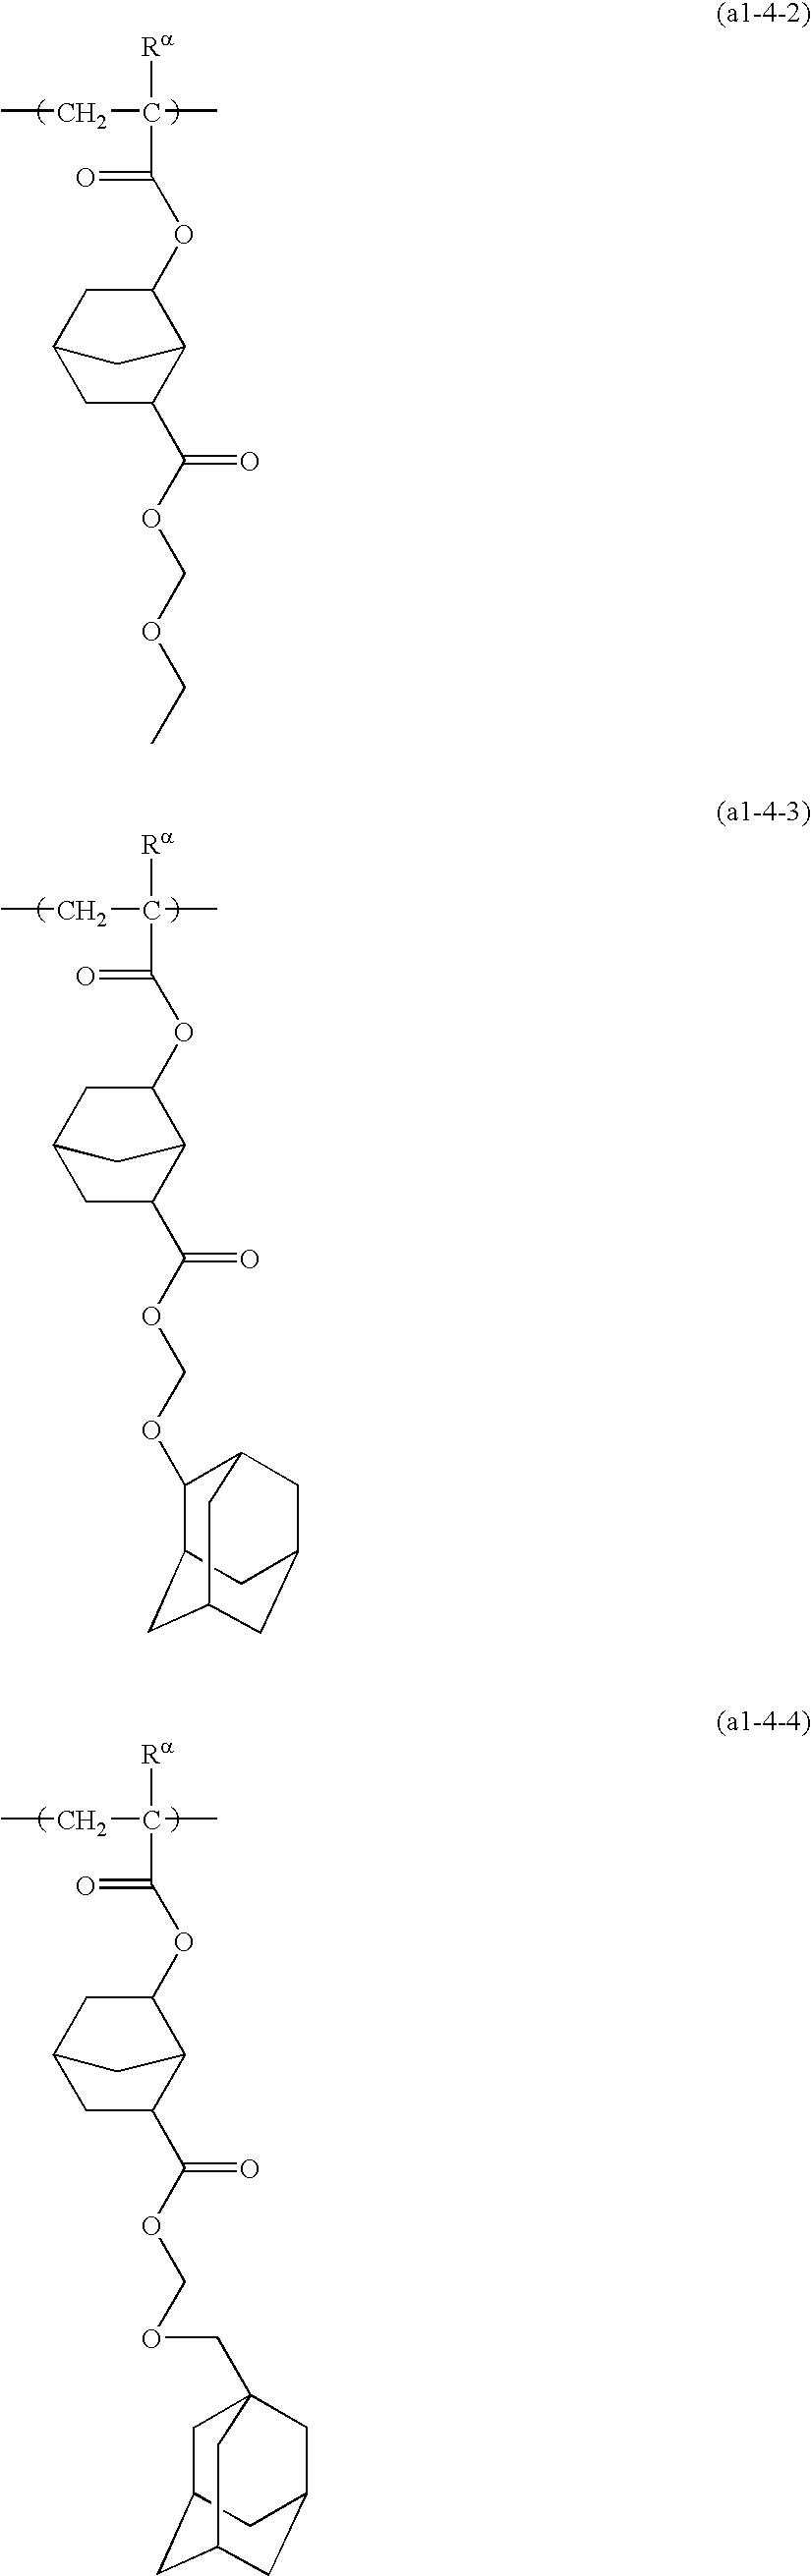 Figure US20100196821A1-20100805-C00043